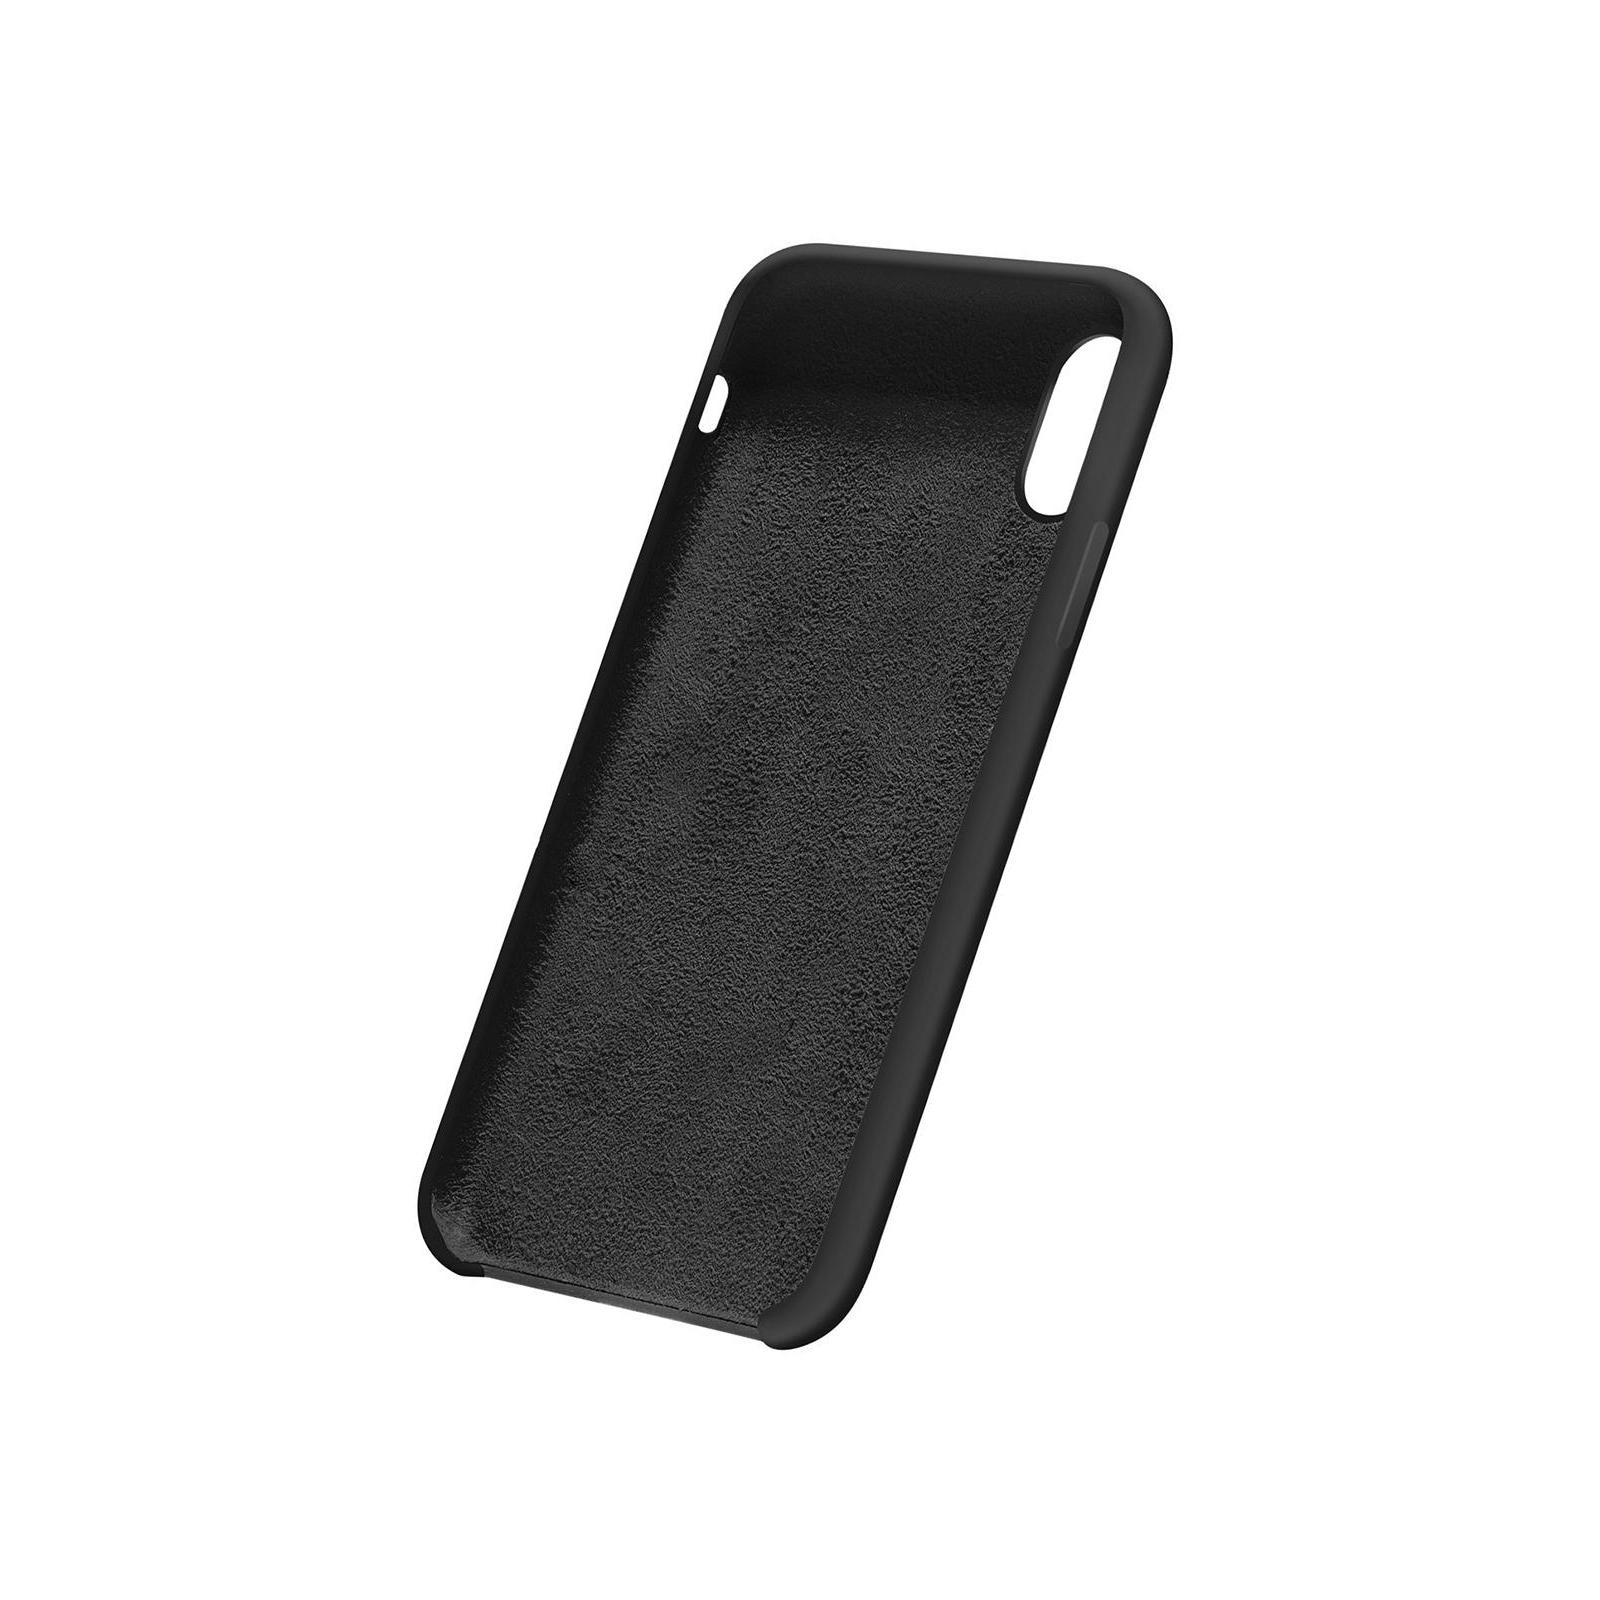 Чехол для моб. телефона Laudtec для iPhone X/XS liquid case (black) (LT-IXLC) изображение 8